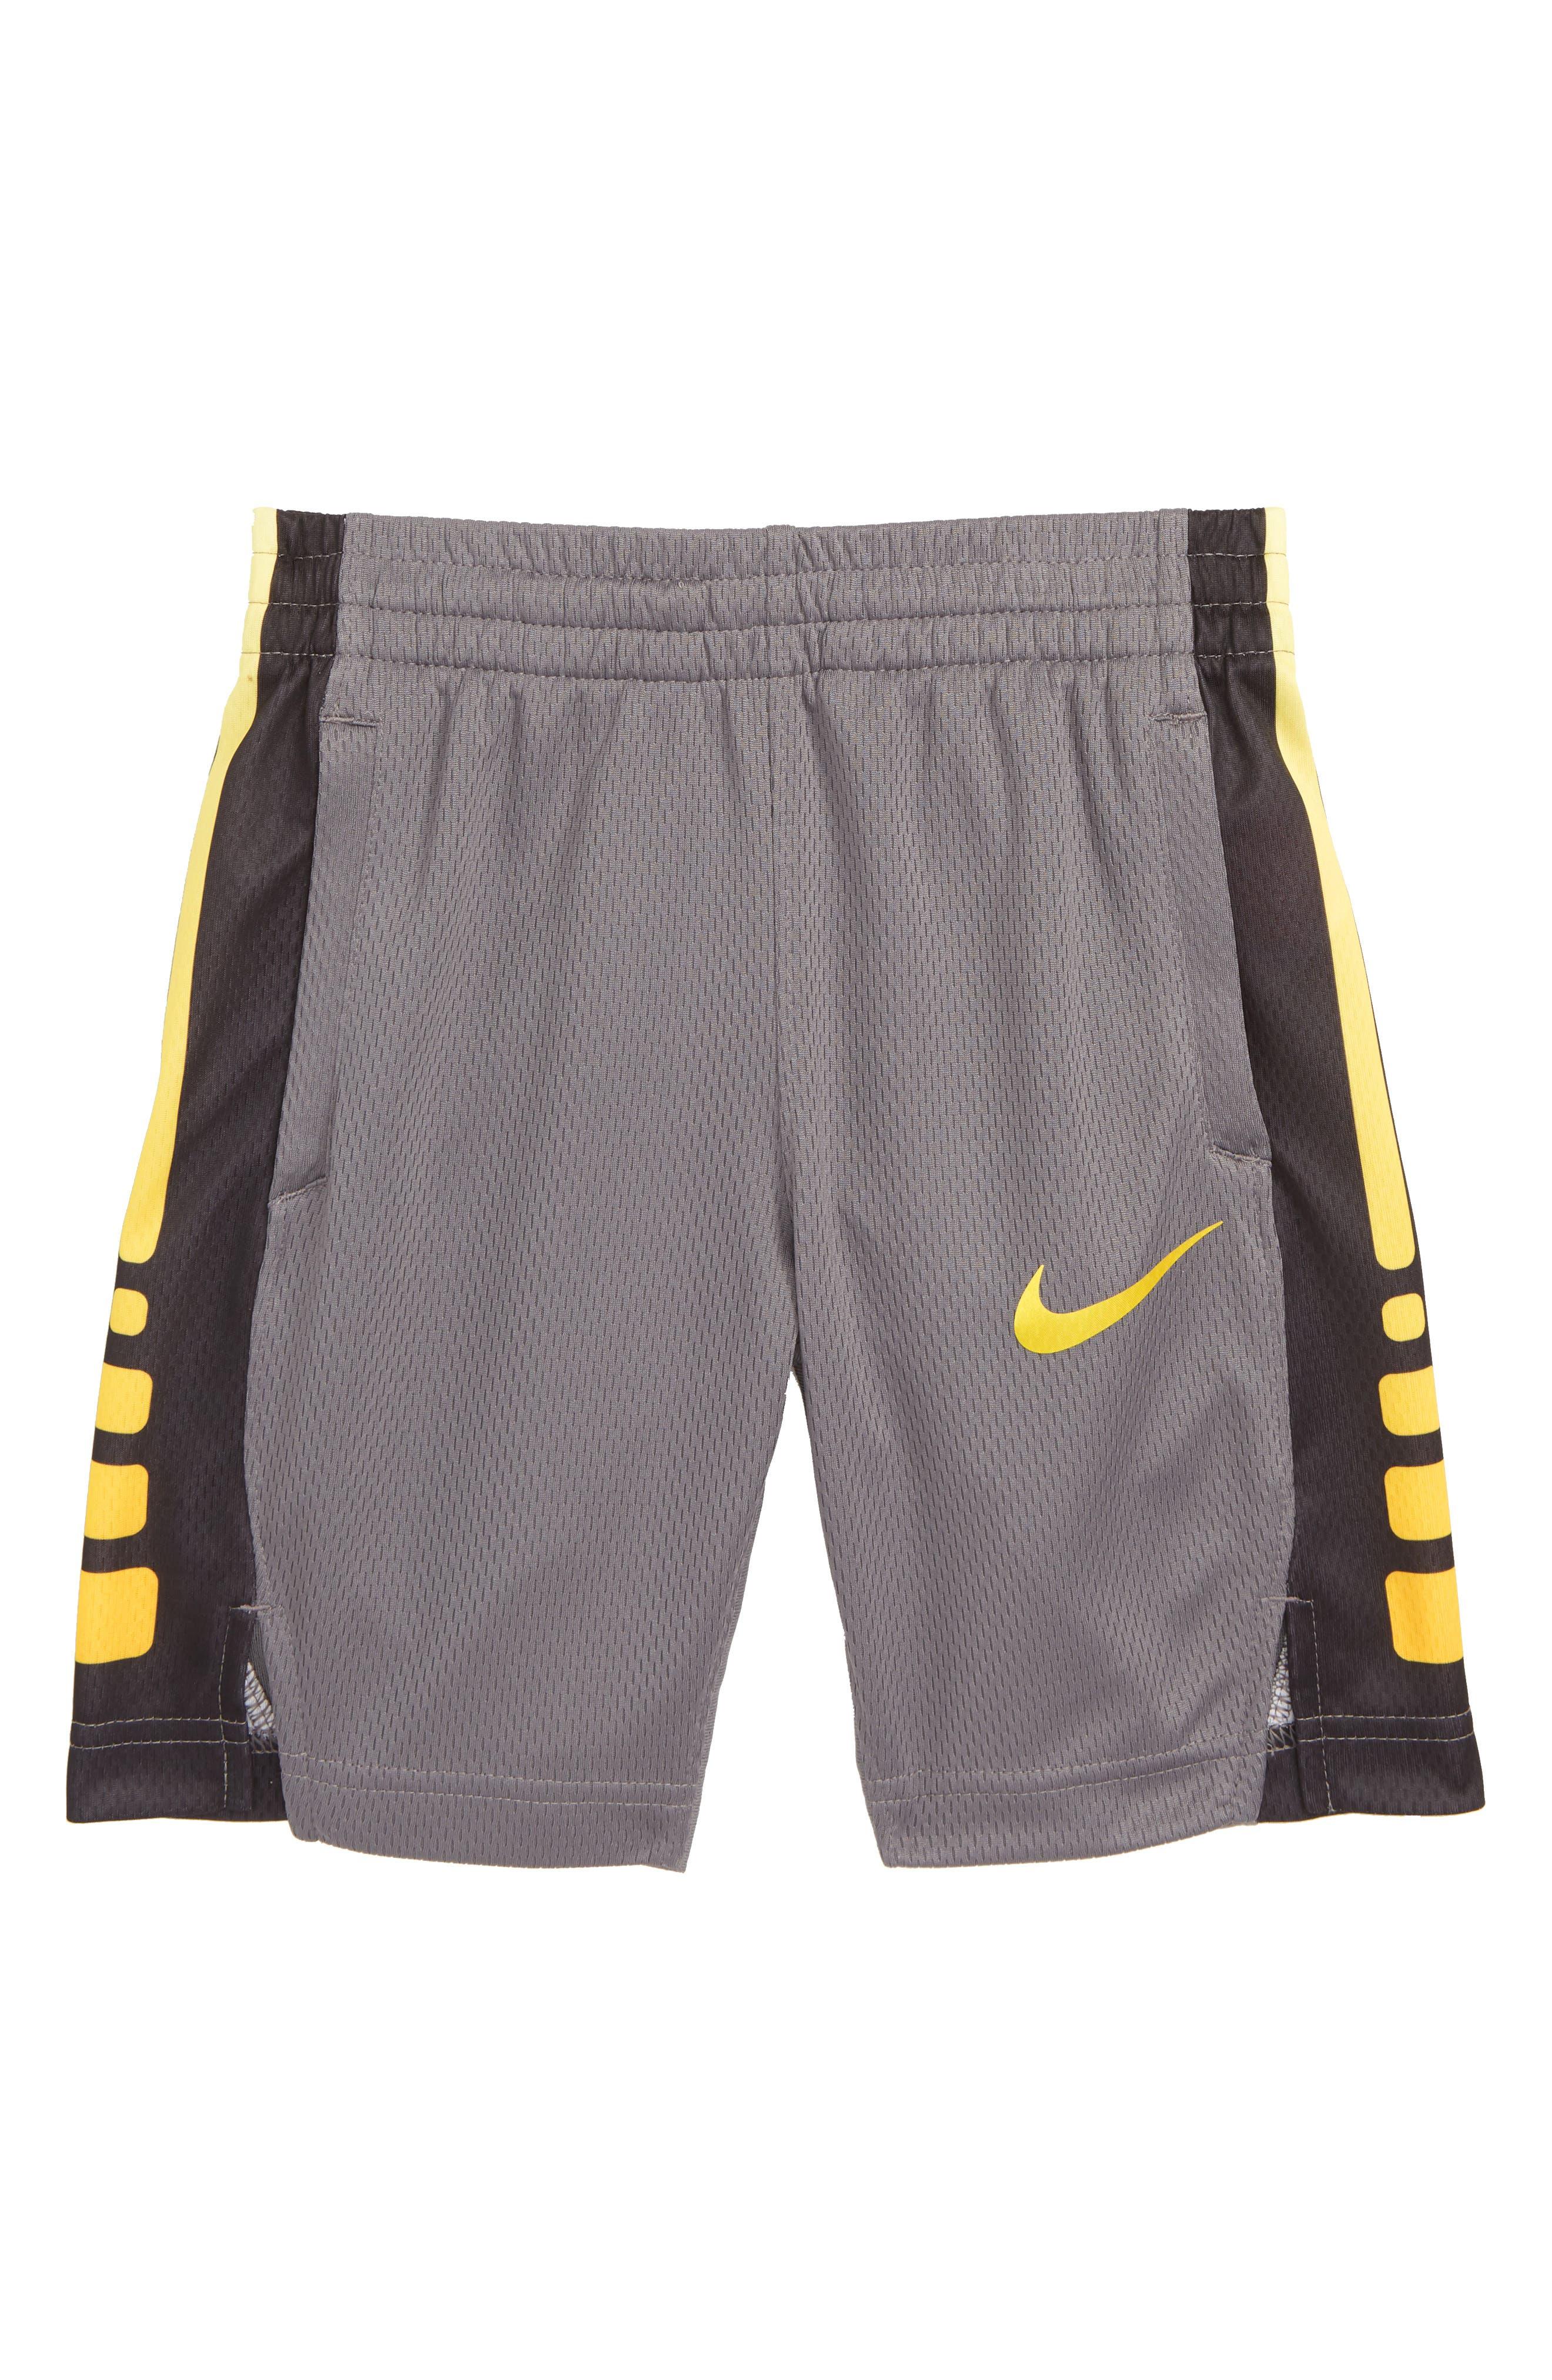 Elite Stripe Shorts,                             Main thumbnail 1, color,                             032